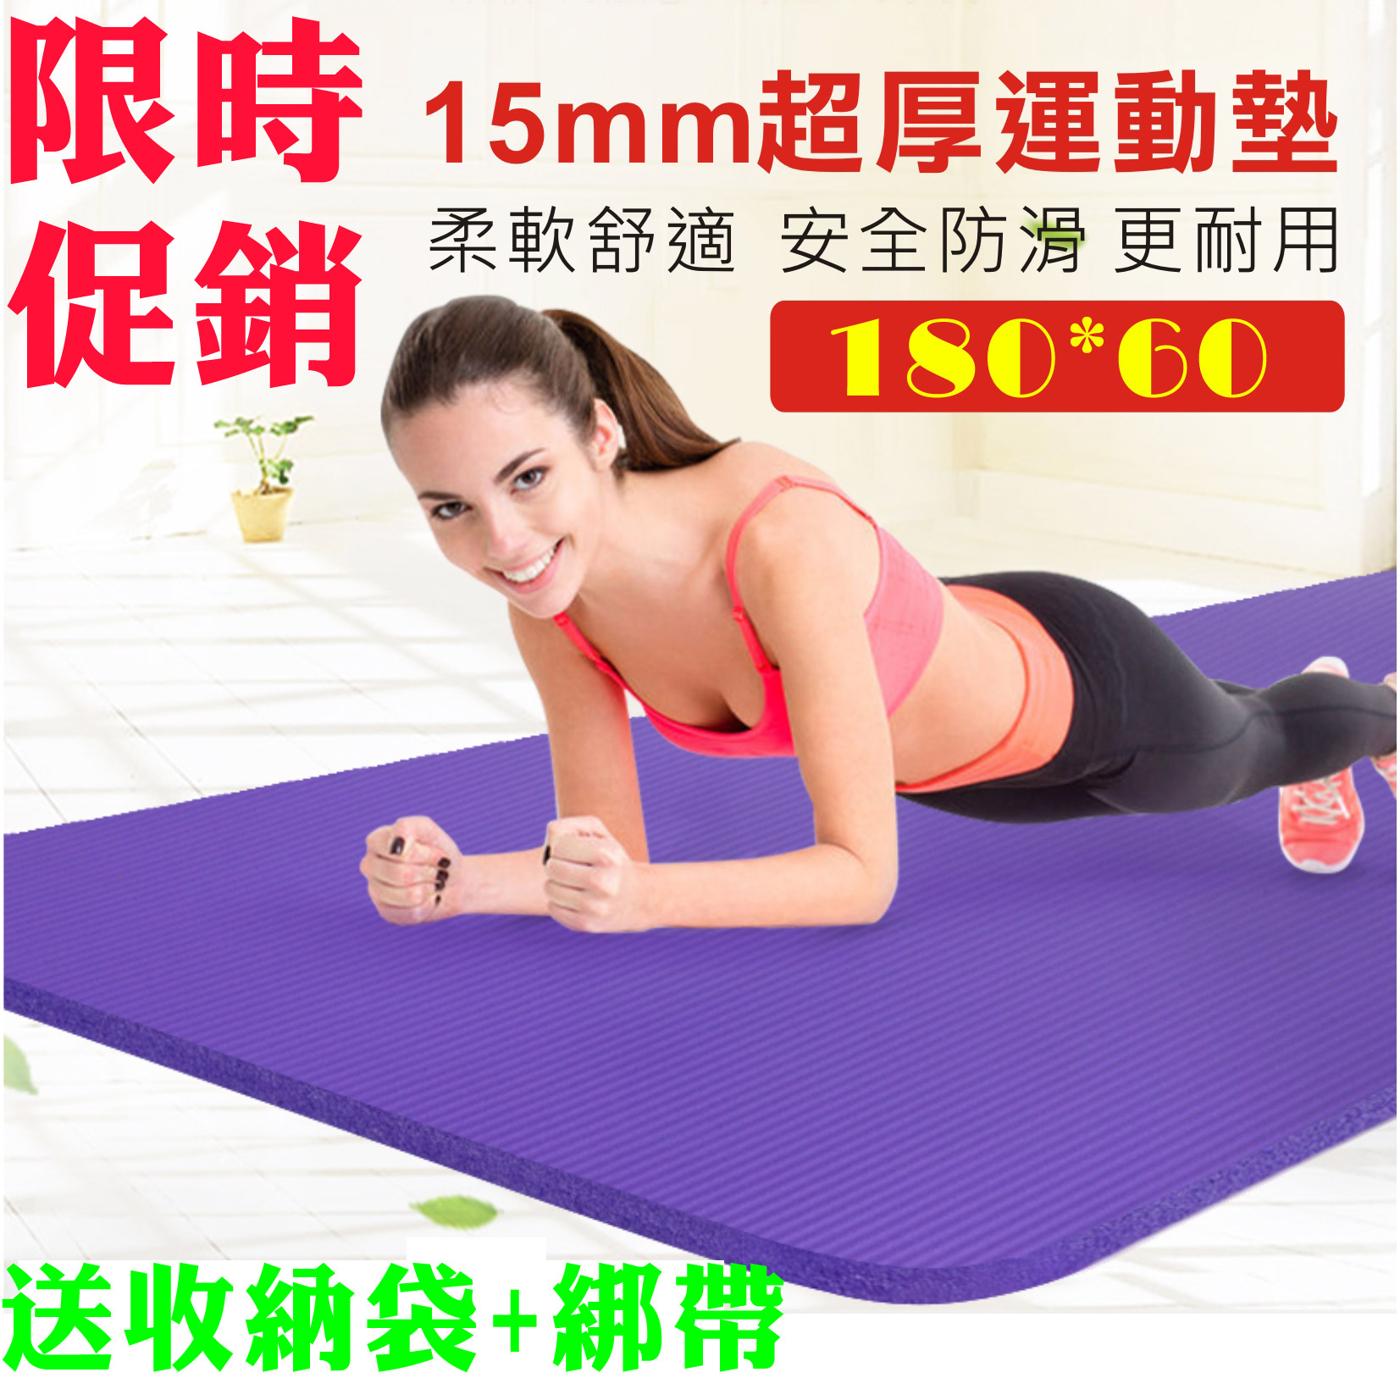 送背帶收納包厚度15mm 1.5版本瑜珈墊瑜珈墊運動墊瑜伽墊遊戲墊地墊運動墊防滑墊野餐墊